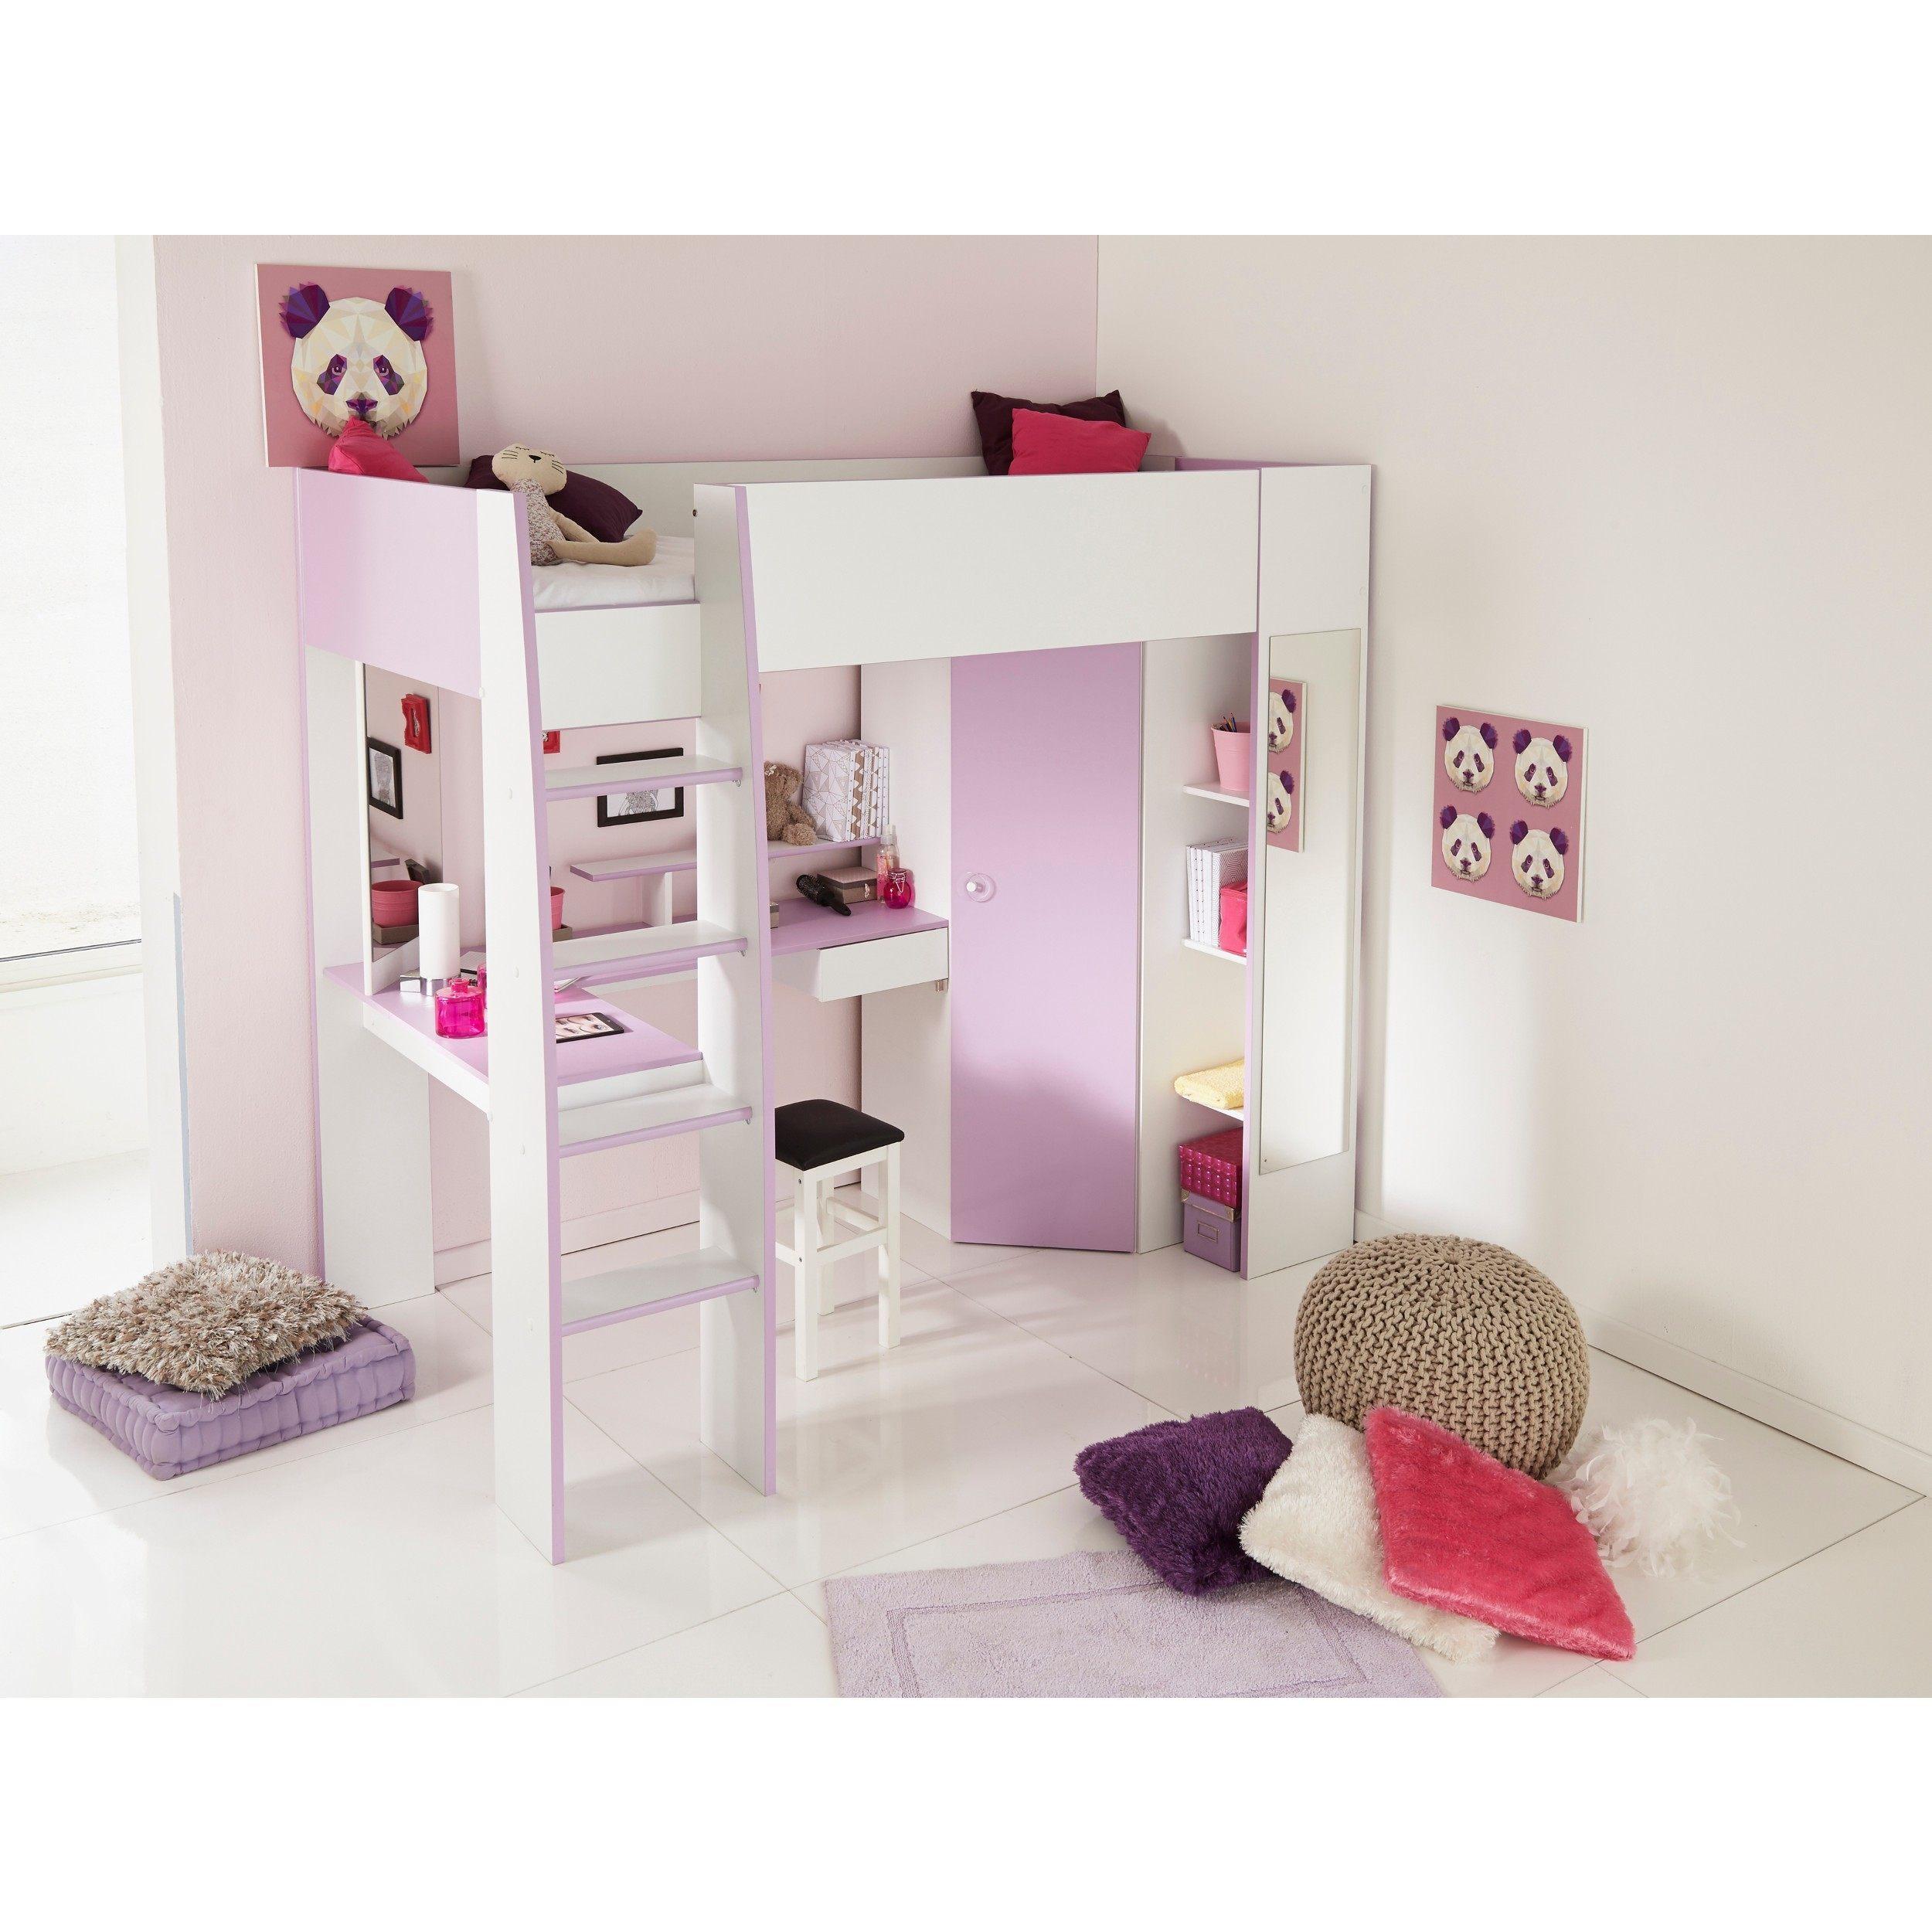 Lit Mezzanine Pour Enfant Impressionnant Lit Mezzanine Ikea Stuva Bureau Lit Mezzanine Ikea Enfant 21 3